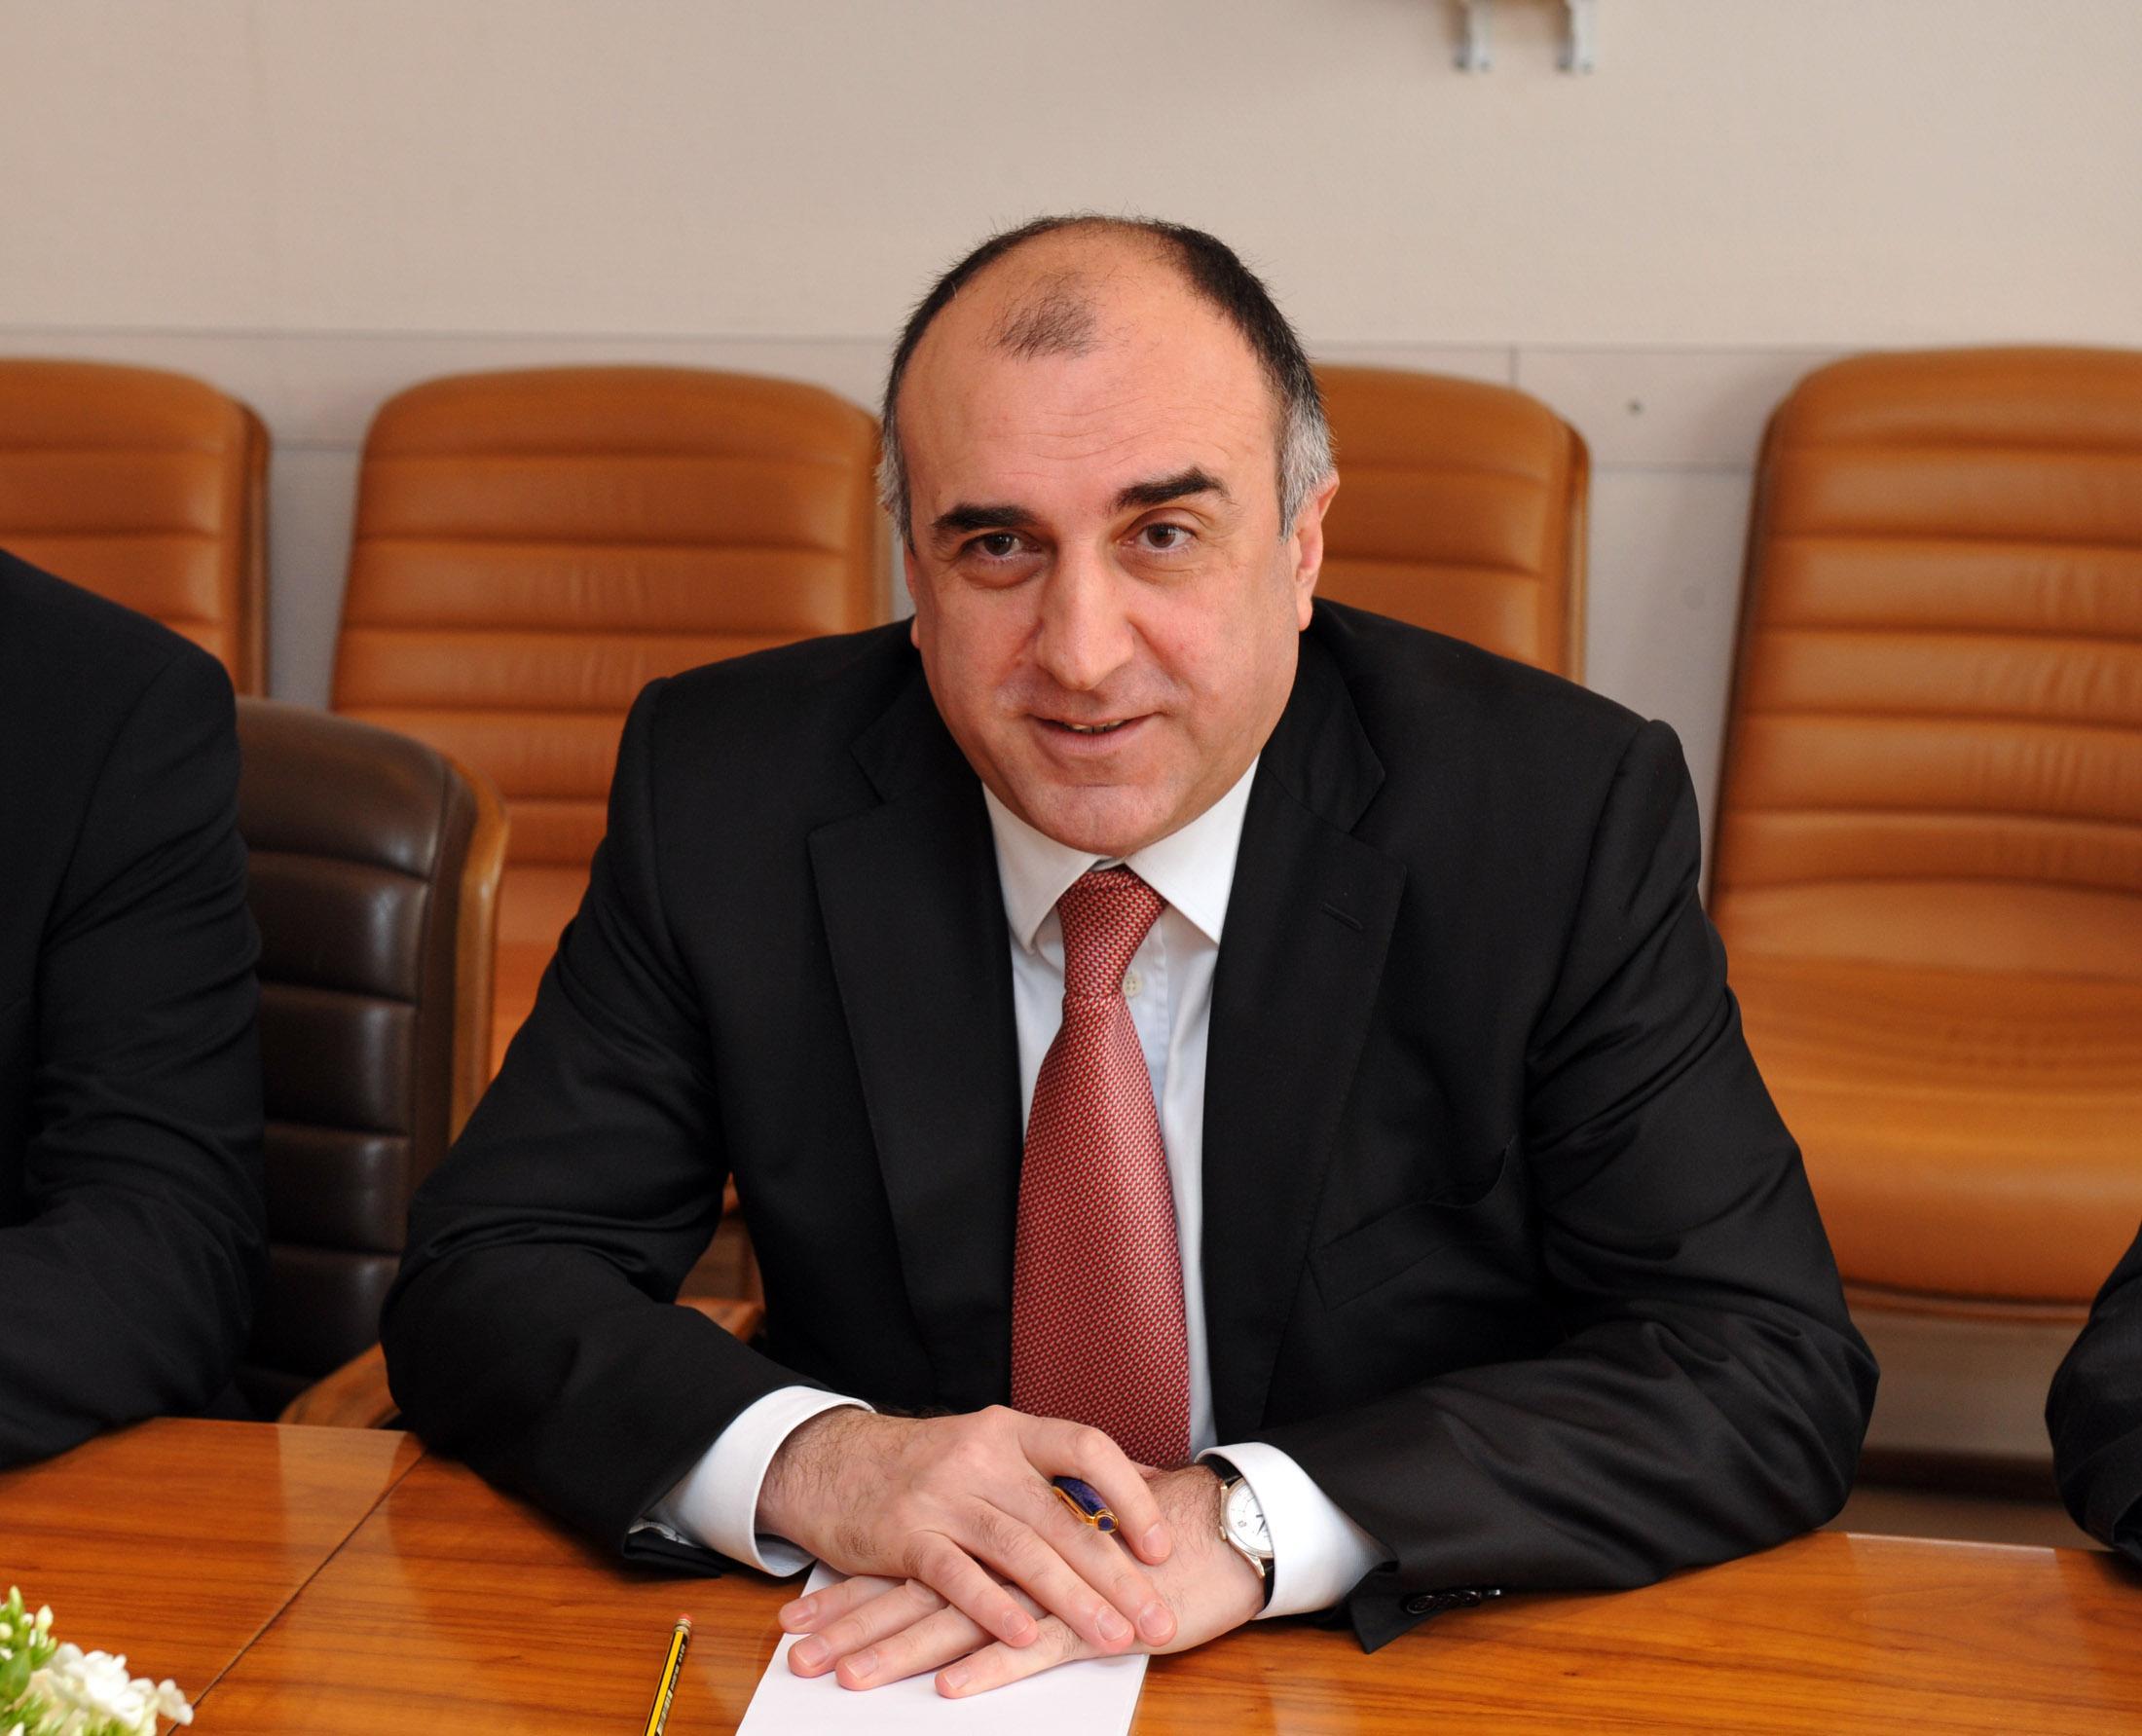 МИД: Азербайджан и Грузия поддерживают территориальную целостность друг друга